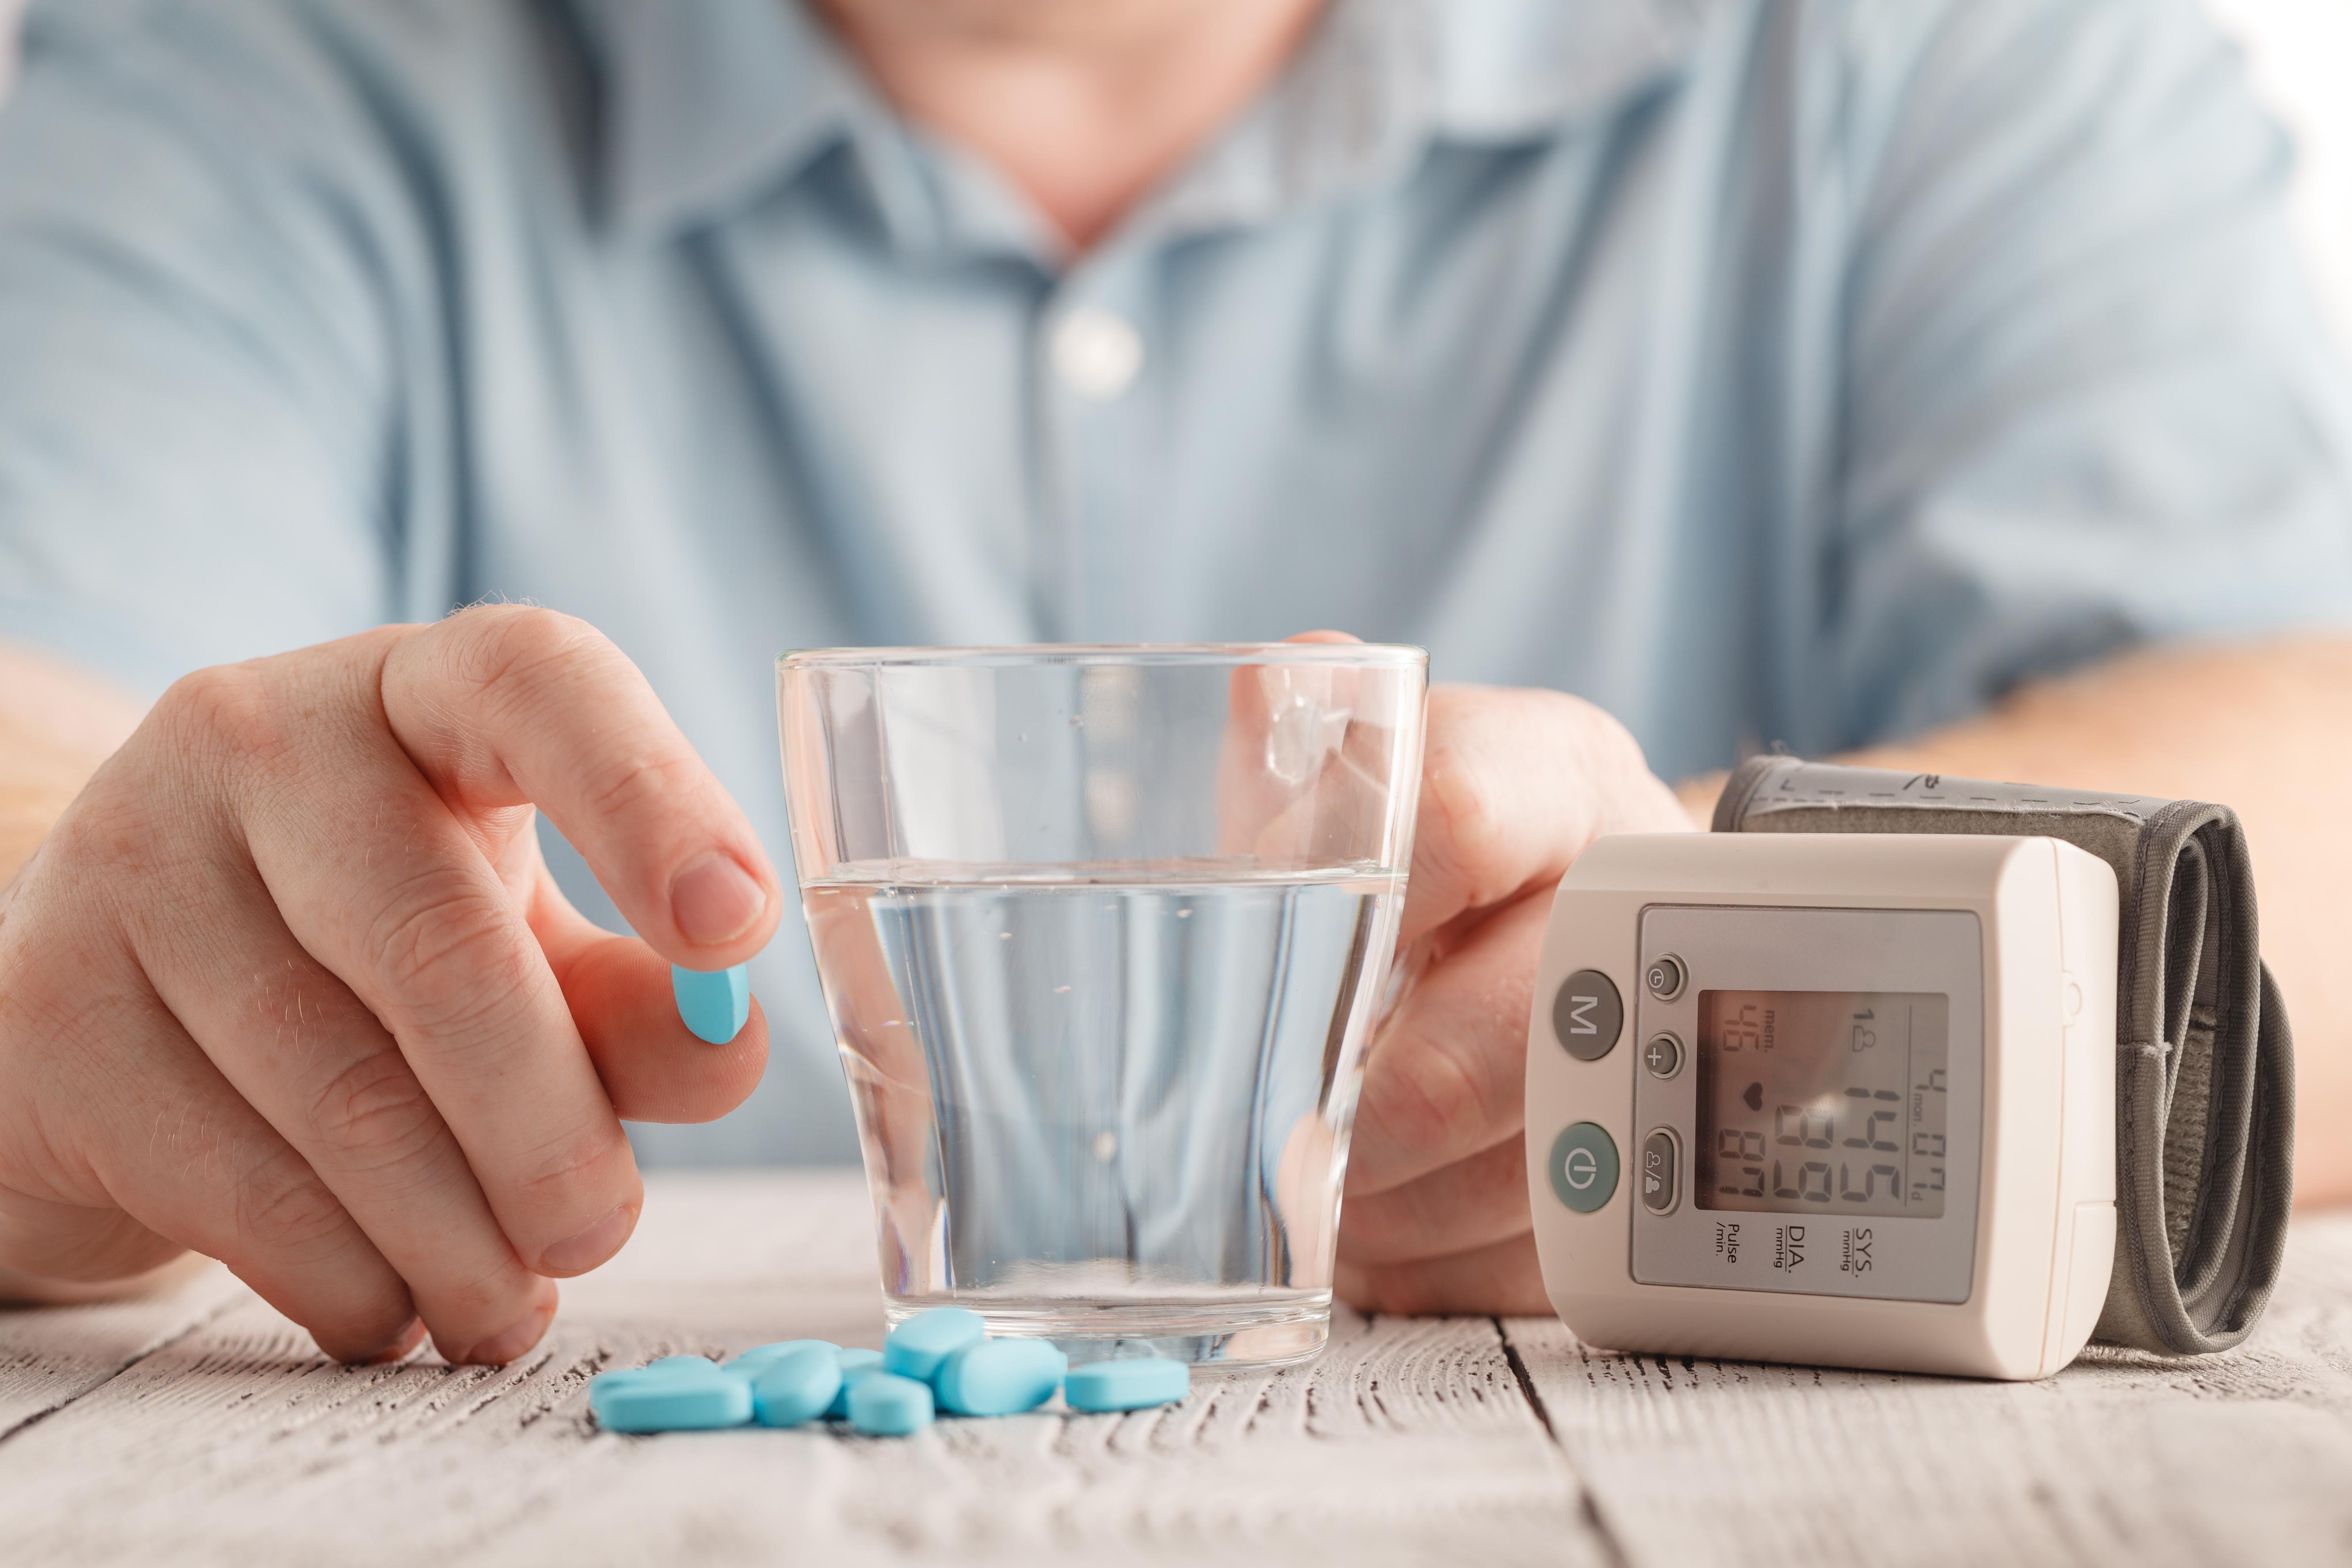 Never Take Hydrochlorothiazide (HCTZ) - Revolution Health..